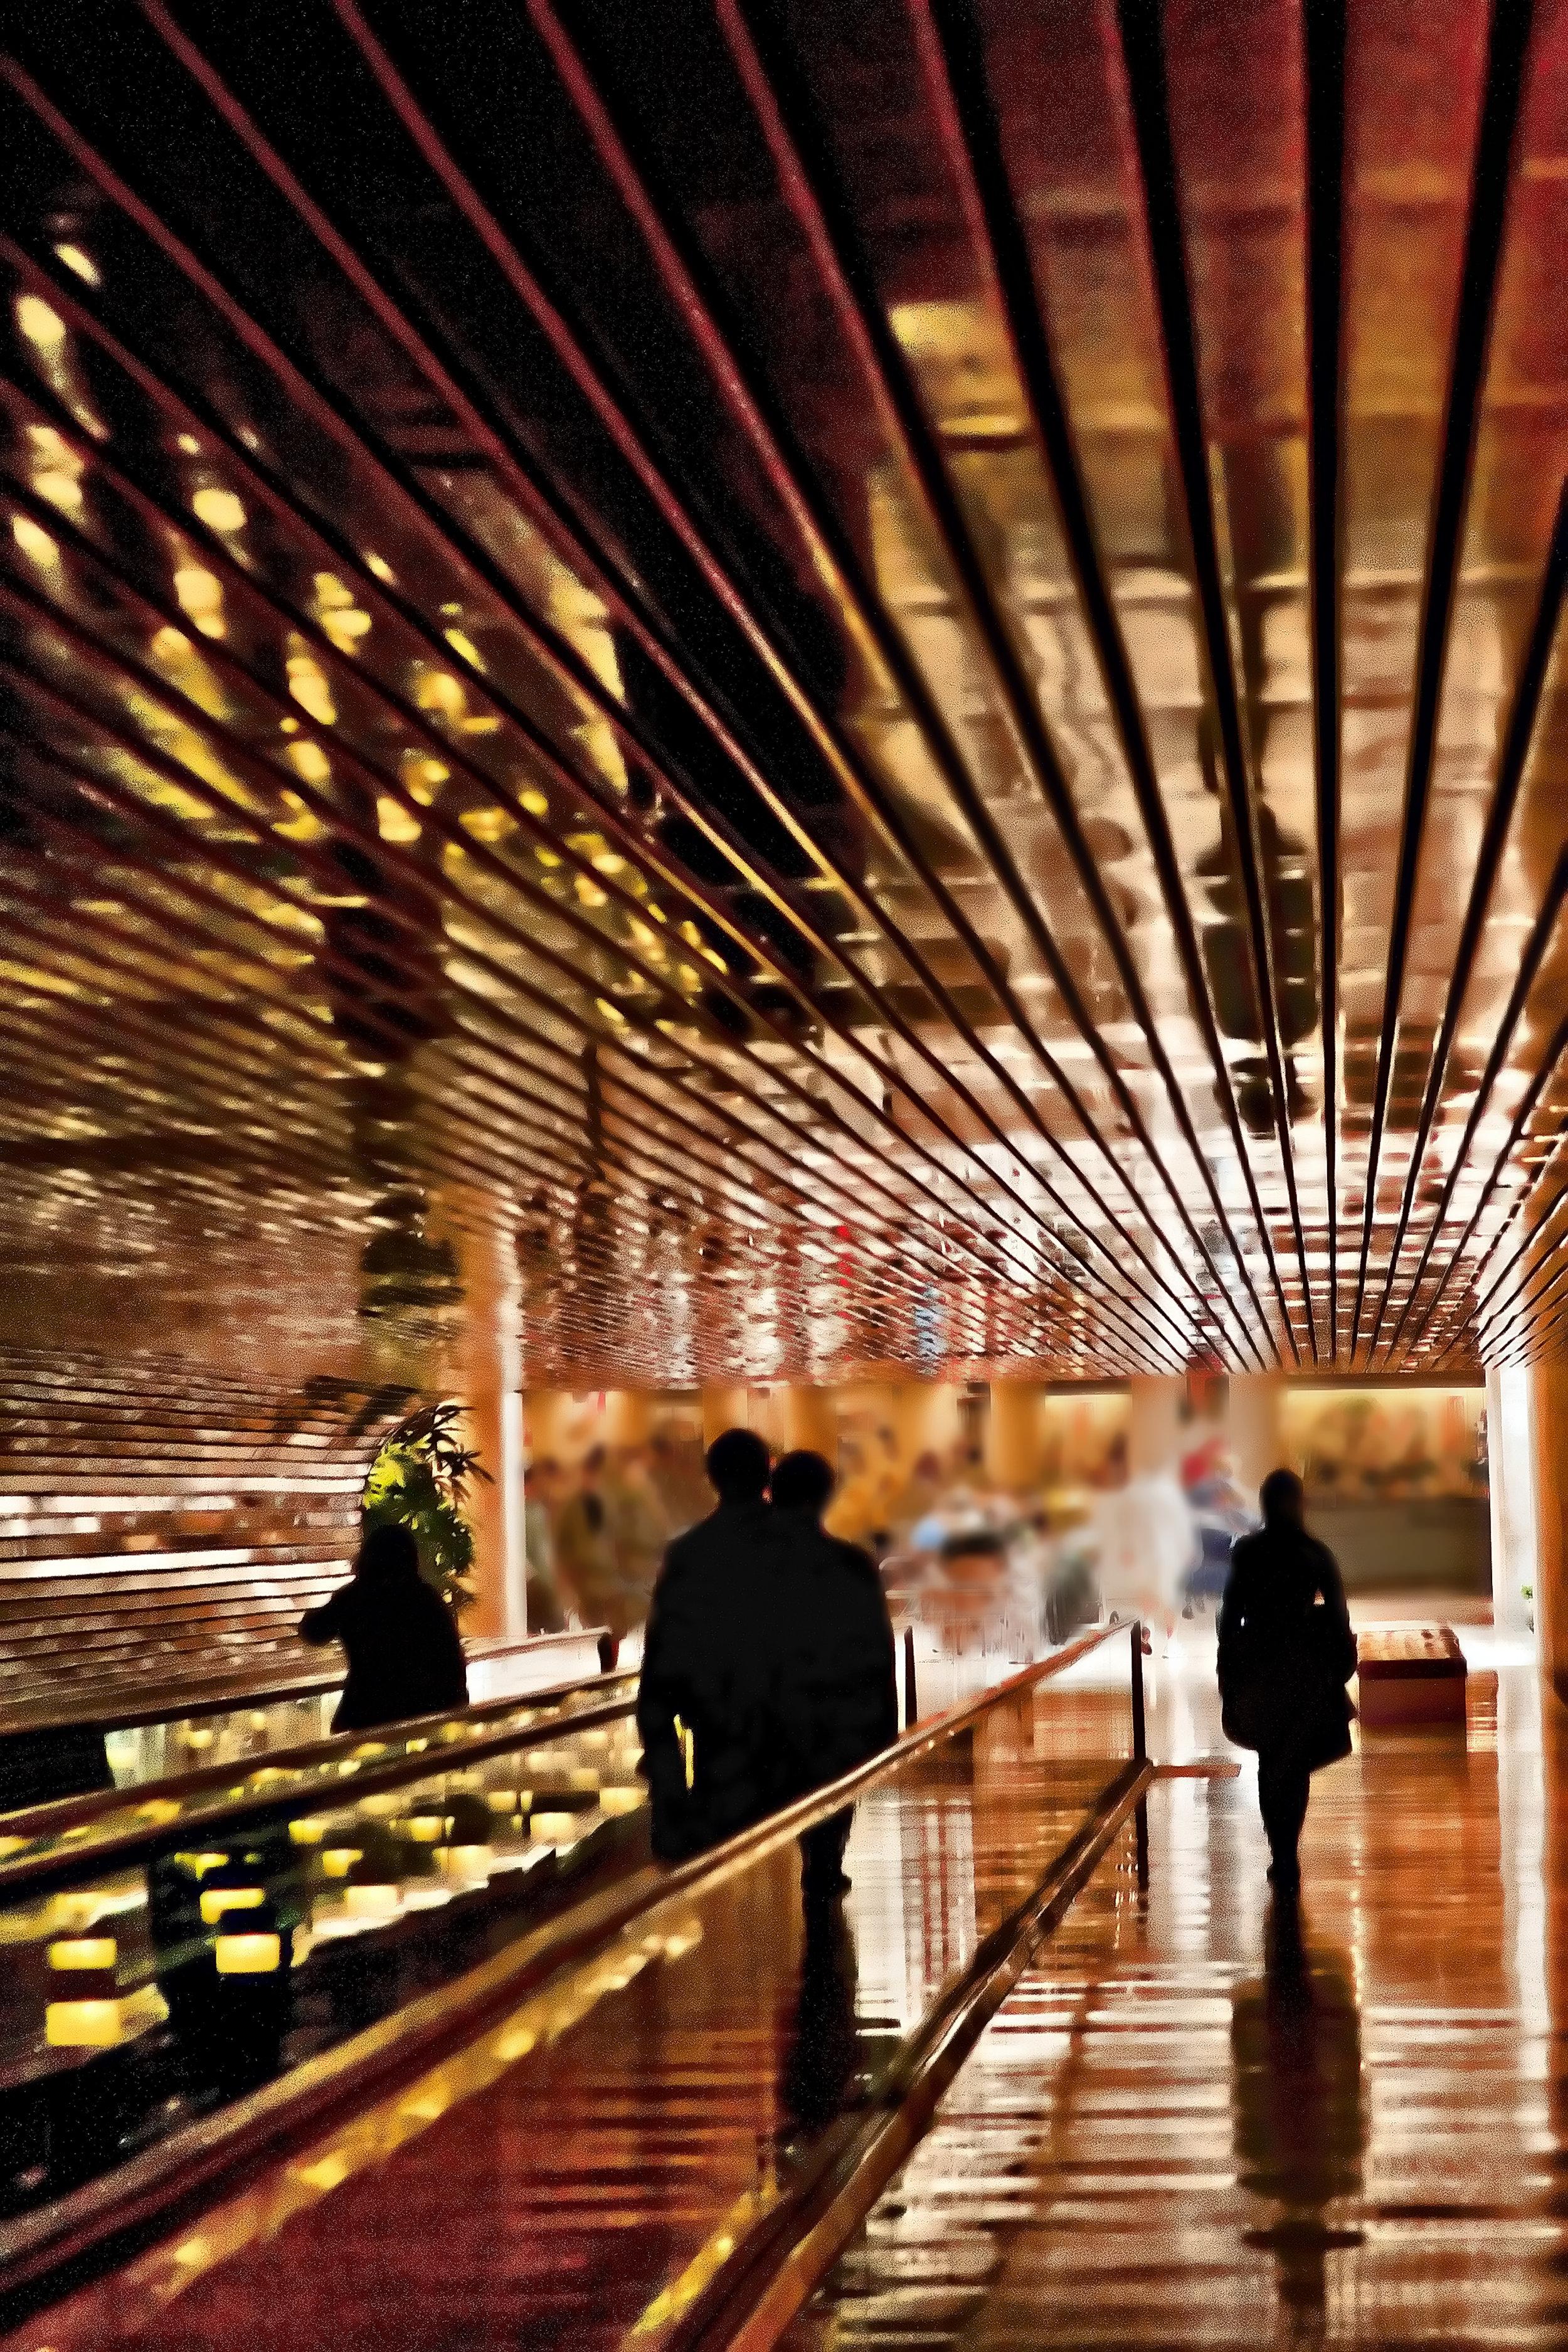 SmithsonianstairSharpNNFINAL.jpg